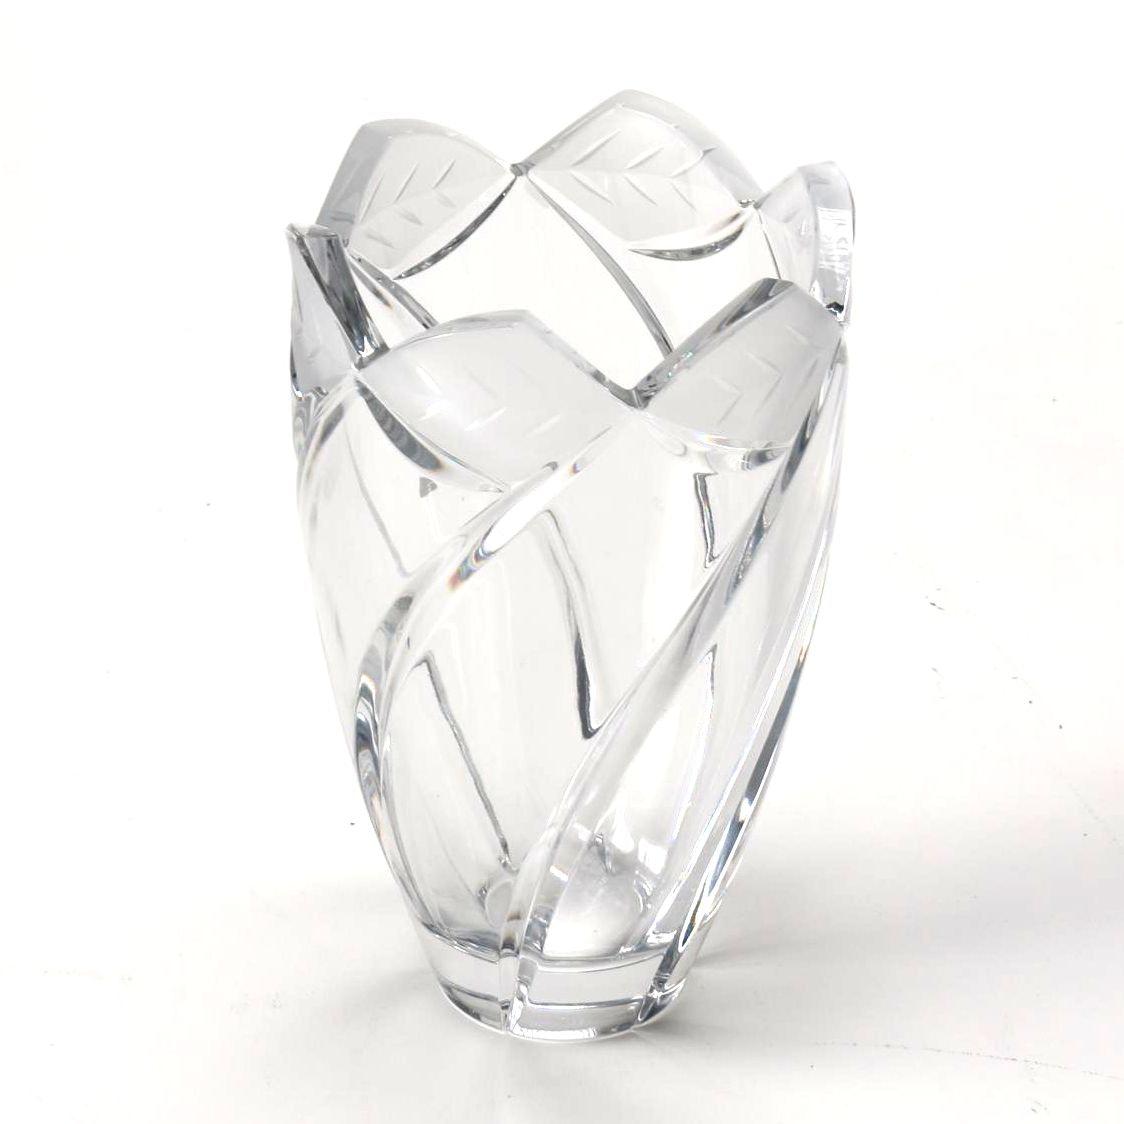 Crystal Vase with Leaf Motif